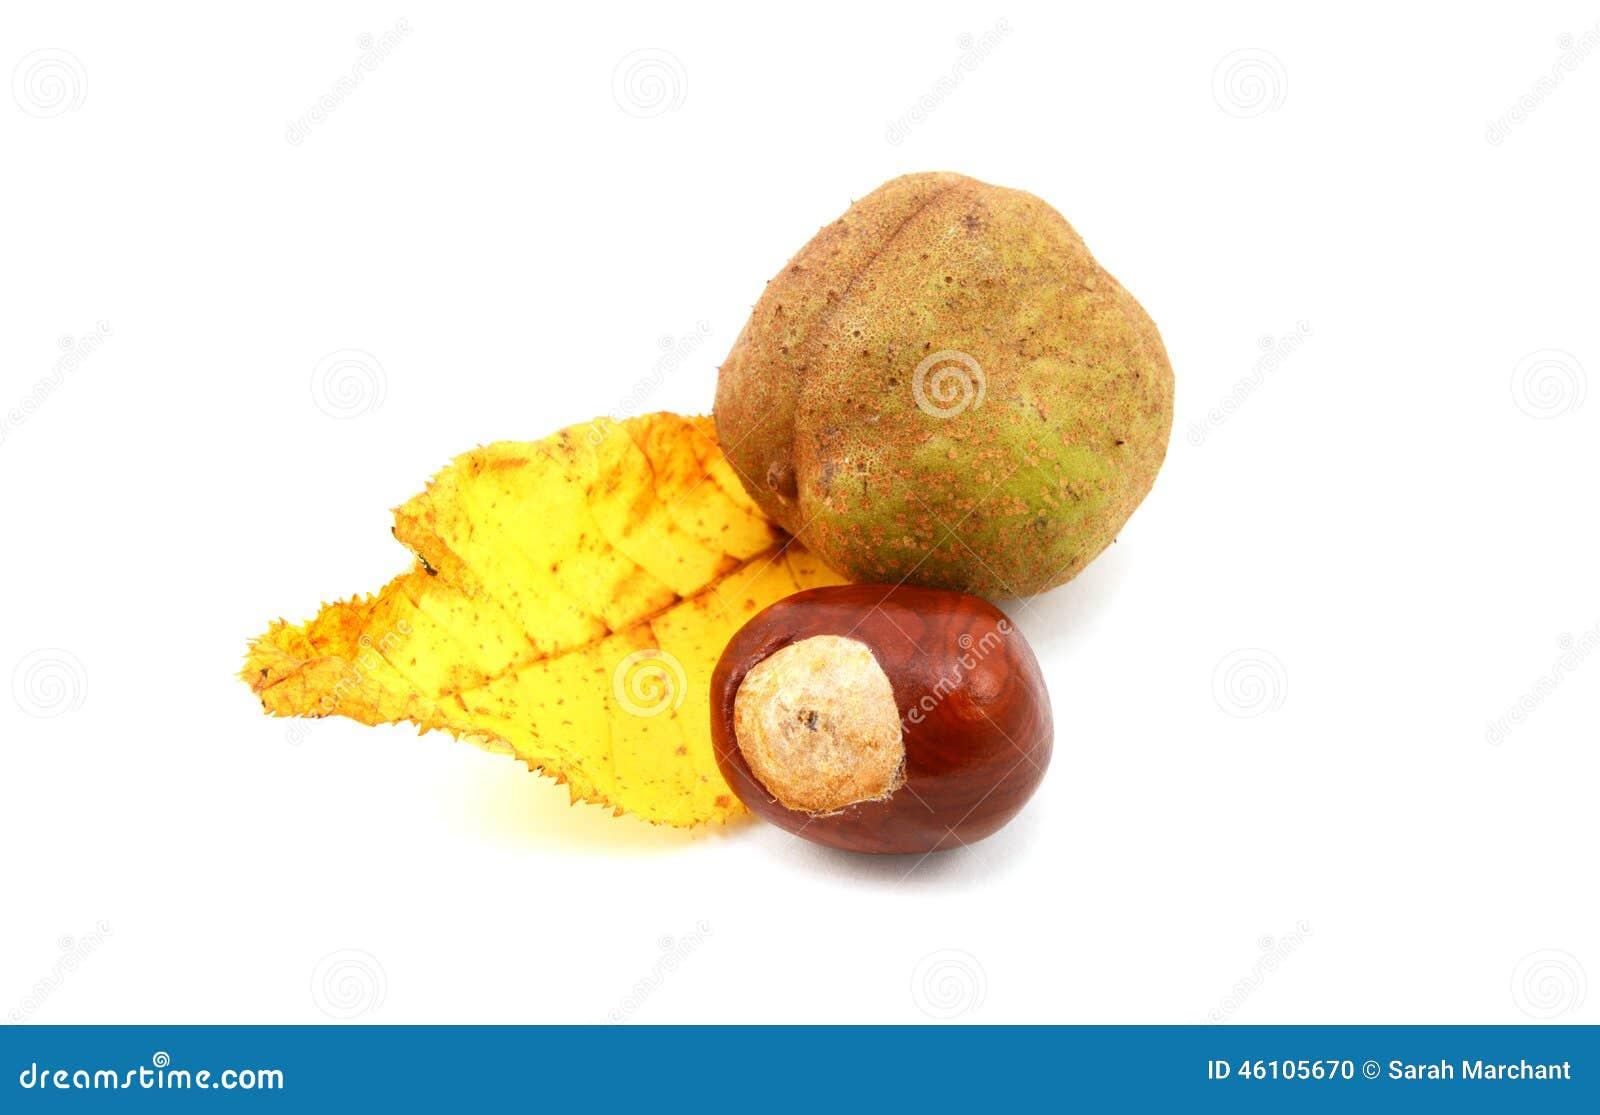 Feuille jaune d 39 automne d 39 un marron d 39 inde rouge avec des marrons photo stock image 46105670 - Activite avec des marrons ...